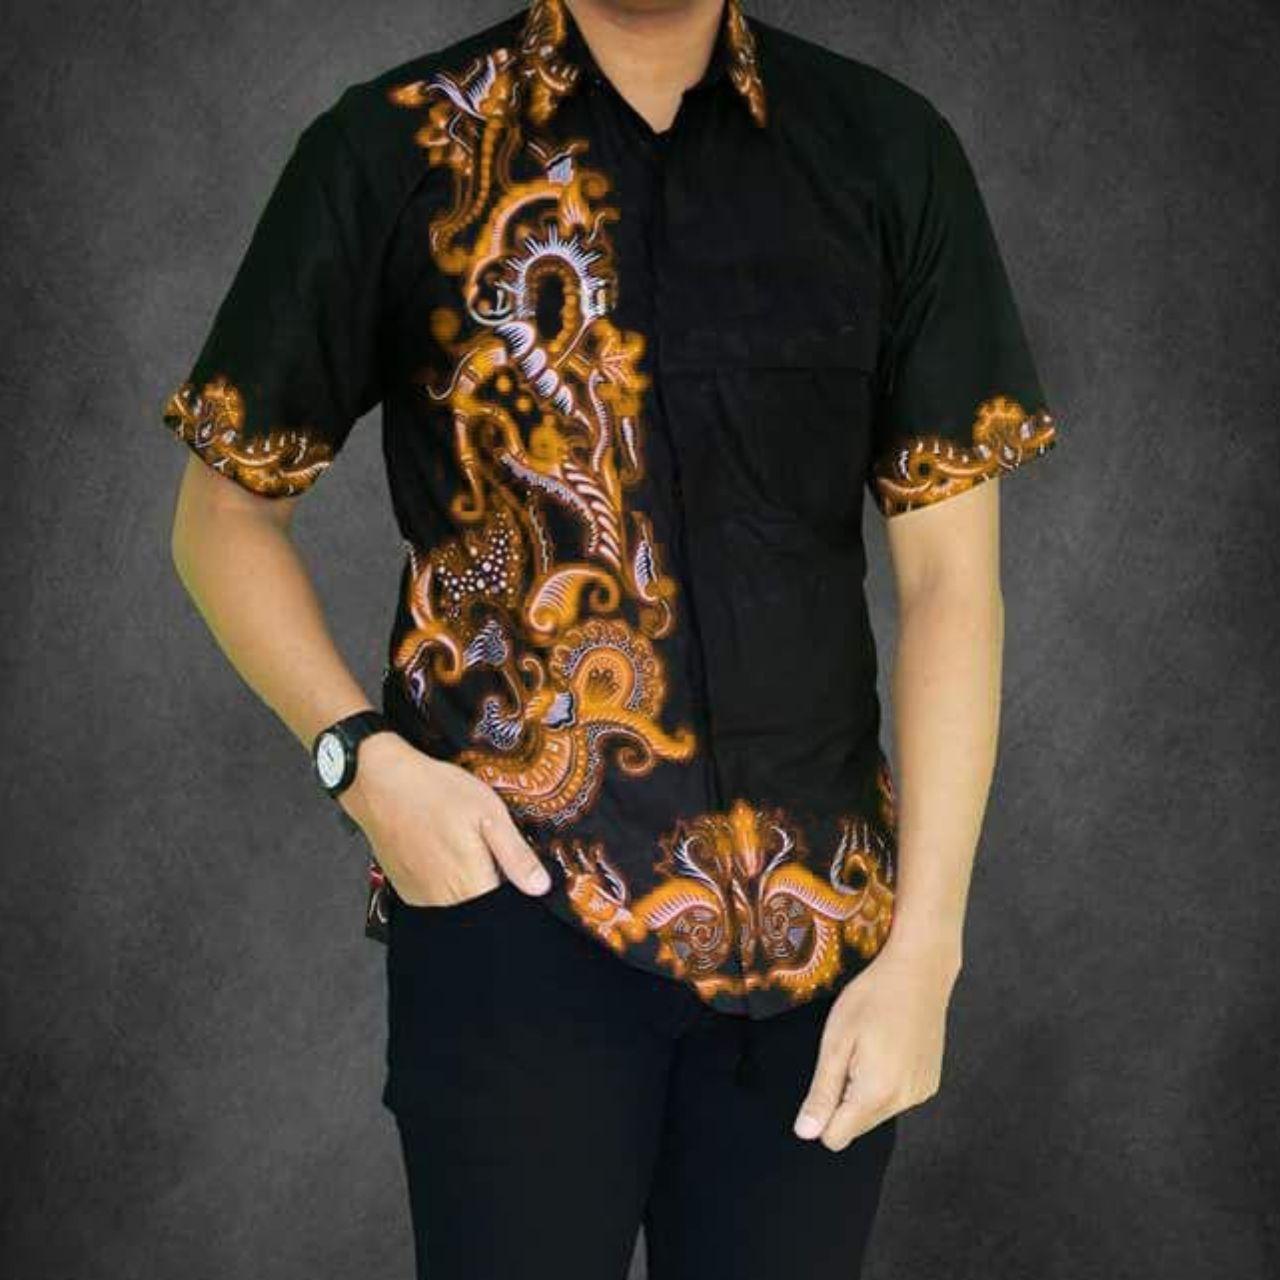 Pakaian Pria Model Kemeja Batik Pria Kemeja Batik Pekalongan Baju Batik Cowok Baju Batik Kantor